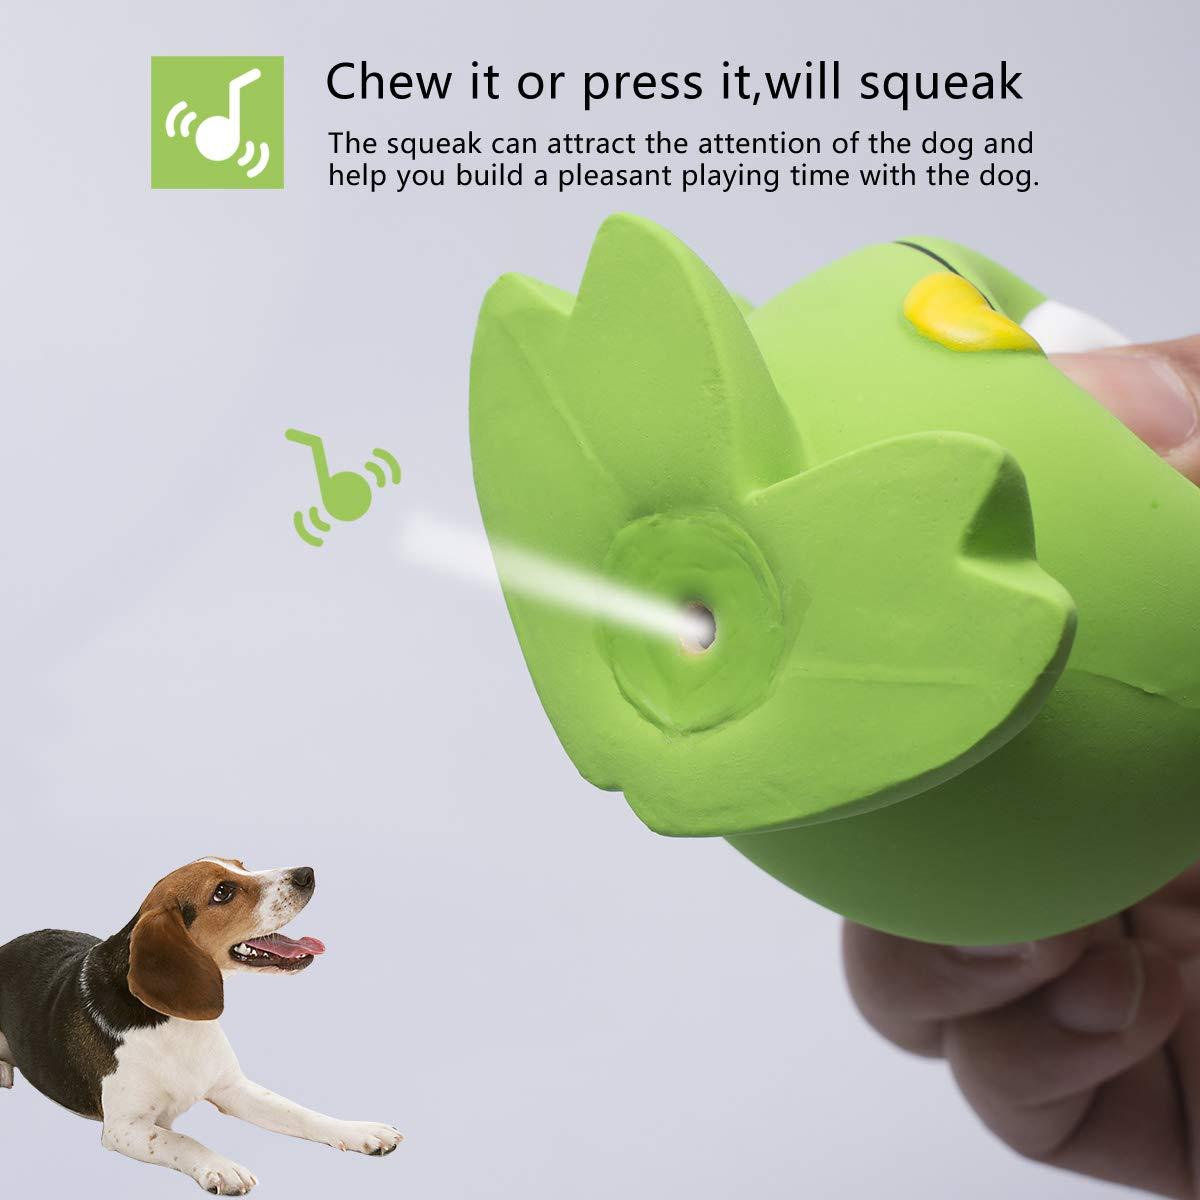 para perros adultos y cachorros Petper Cw-0063EU Juguete con sonido de l/átex para perros juguetes para animales interactivos